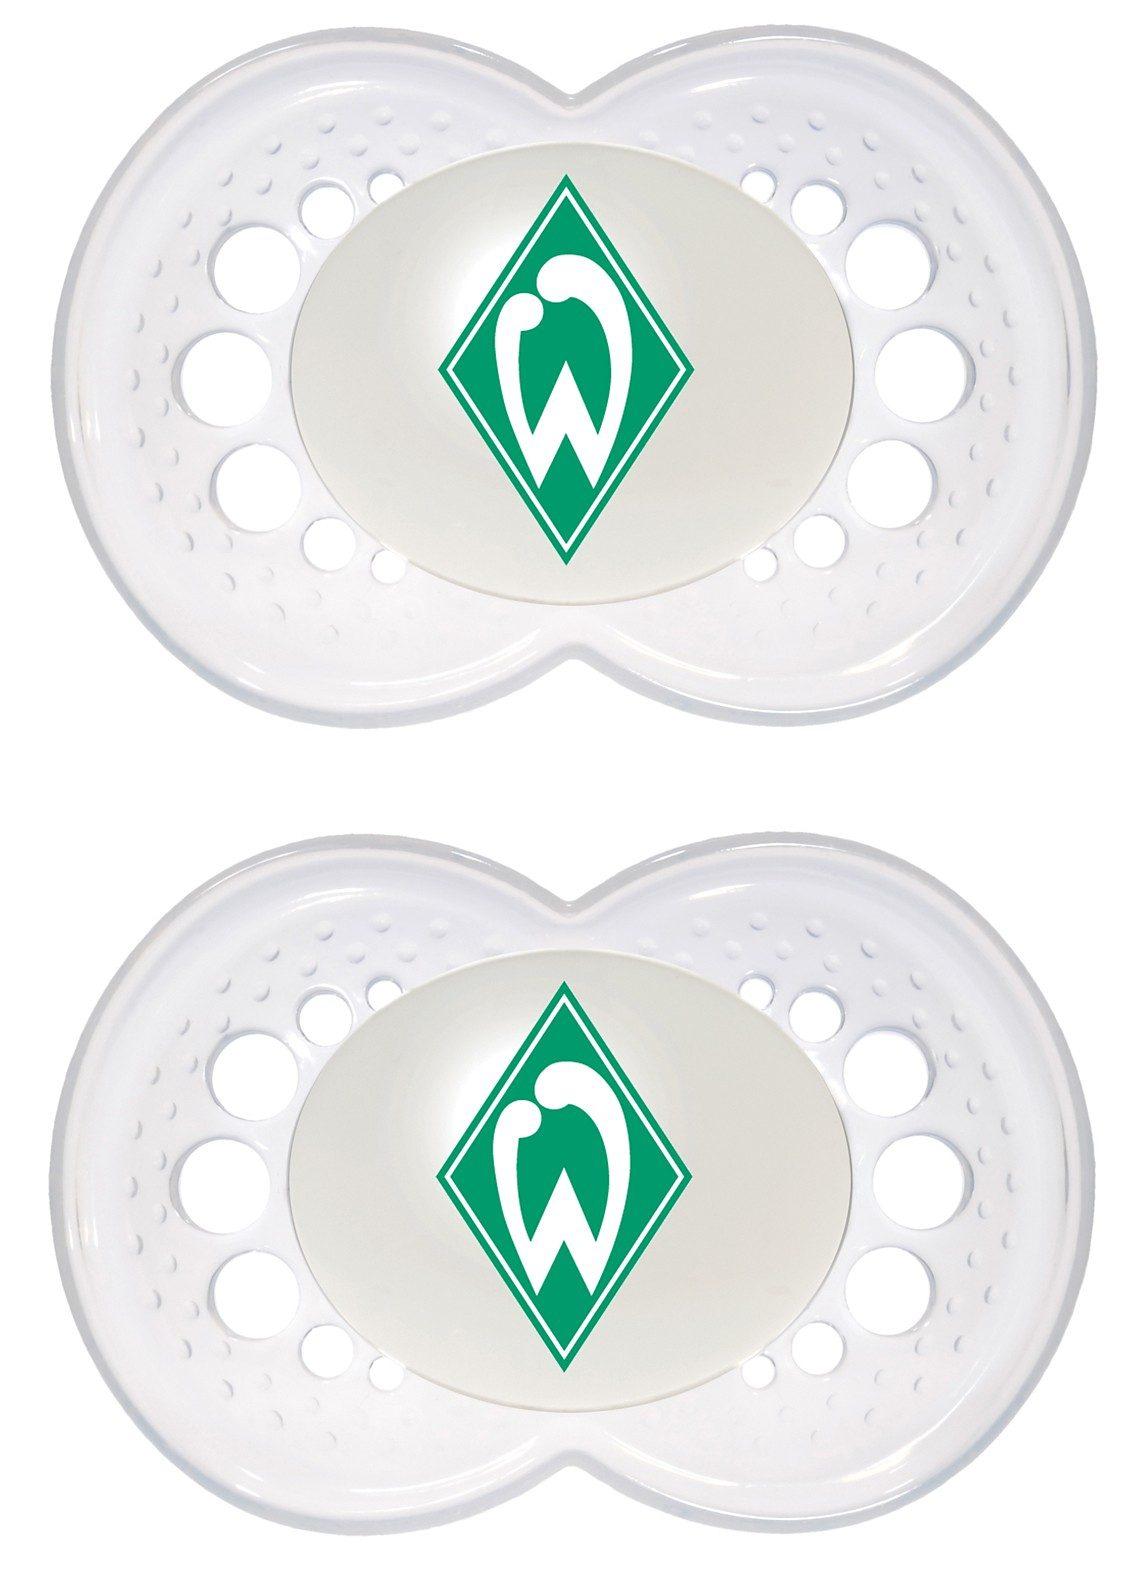 MAM Schnuller Fußball, Silikon, Gr. 2, SV Werder Bremen